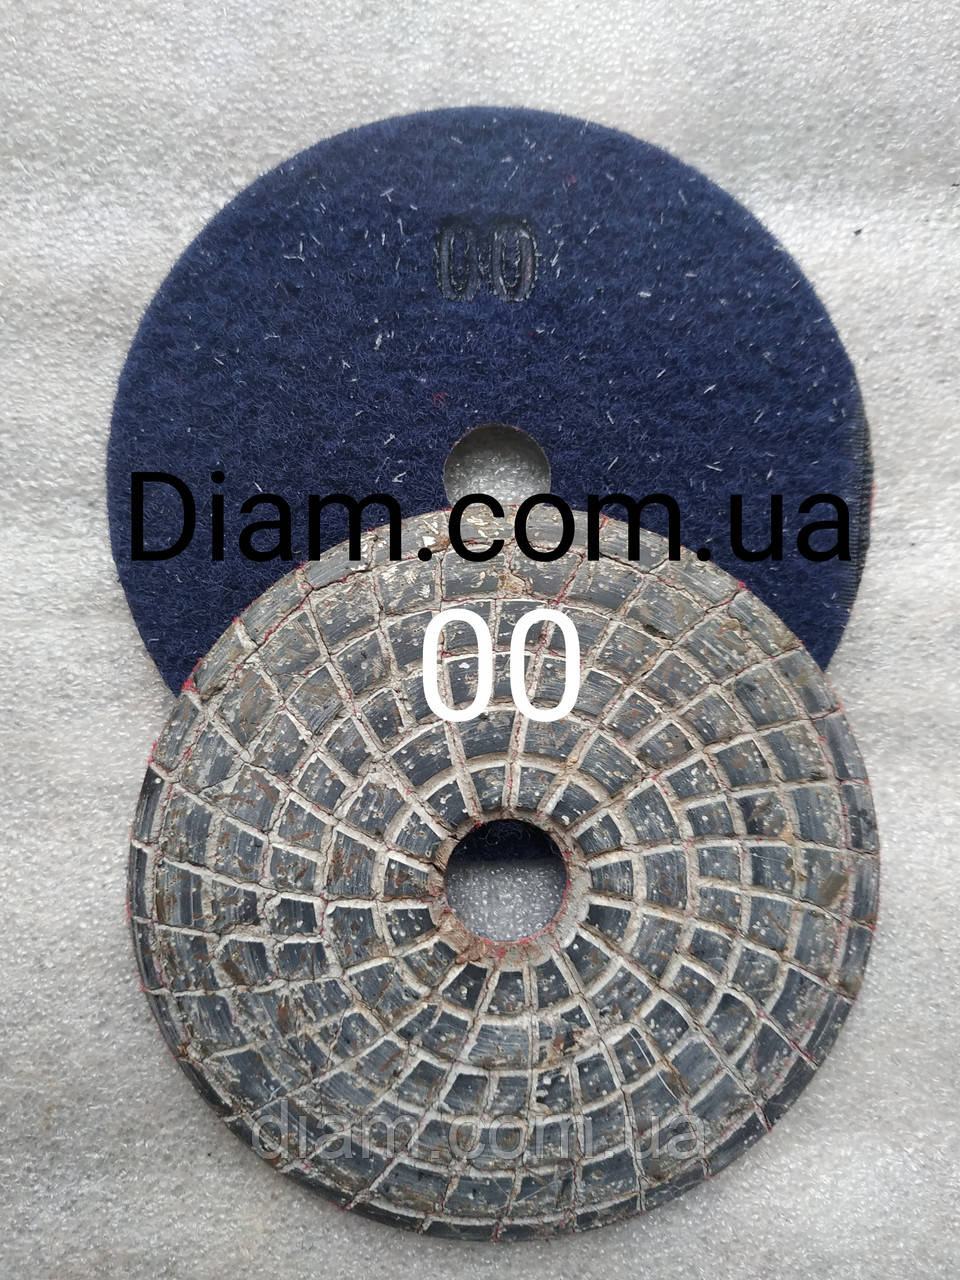 Полировка бетона черепашкой дубровка бетон